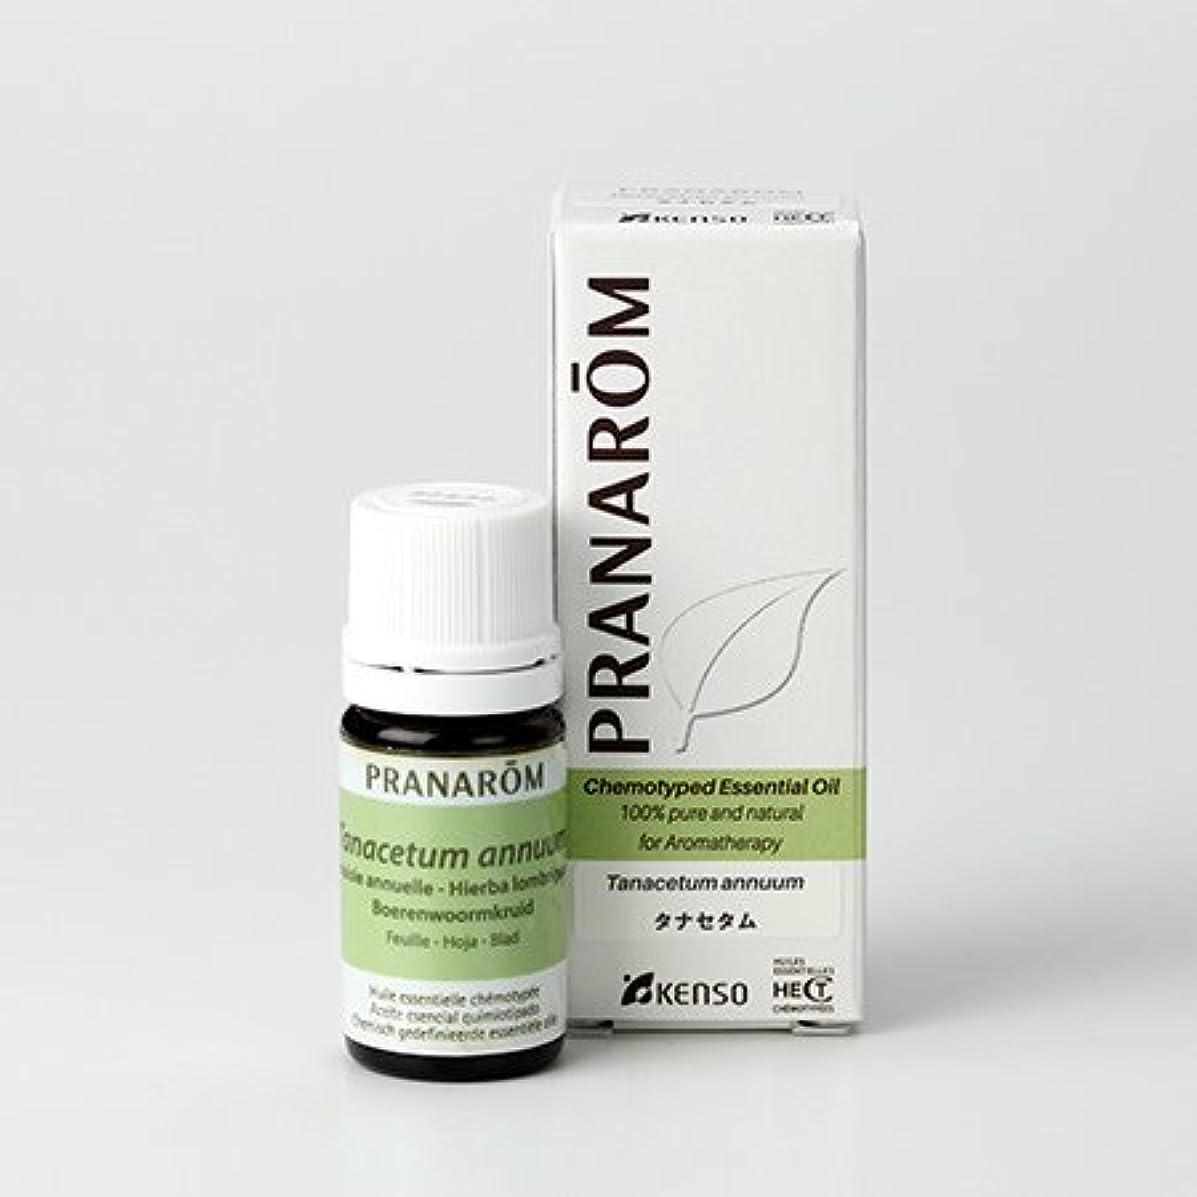 夢中義務可能性プラナロム タナセタム 5ml (PRANAROM ケモタイプ精油)